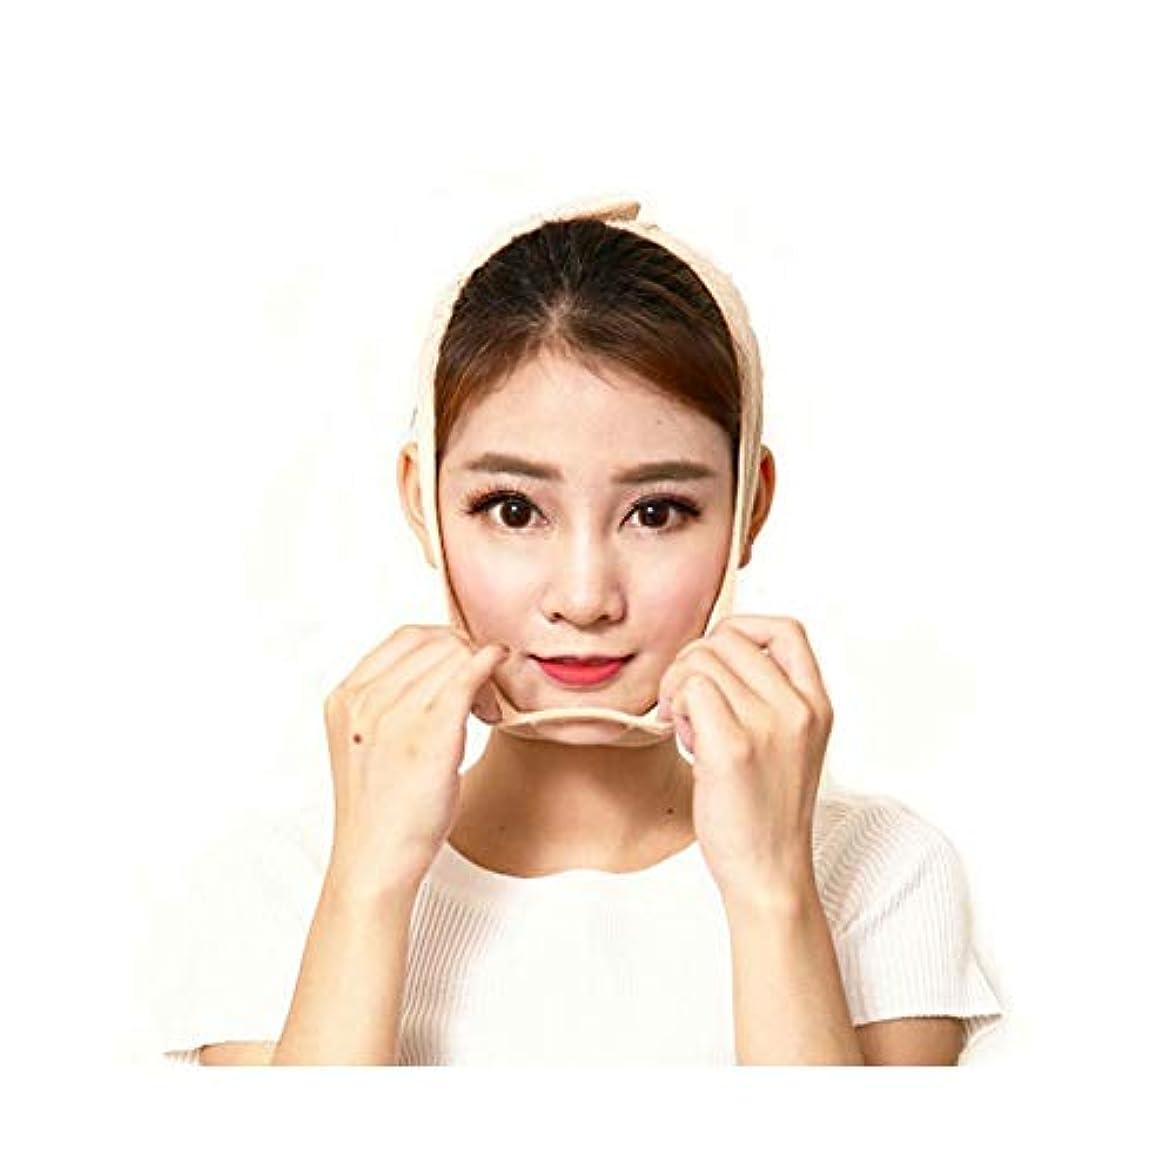 根拠地球制約GLJJQMY ファーミングマスクシンフェイスアーティファクト包帯美容ヘッドバンドファーミングマスクダブルチンLスモールVフェイスマッサージフェイスリフティングフェイシャルケア 顔用整形マスク